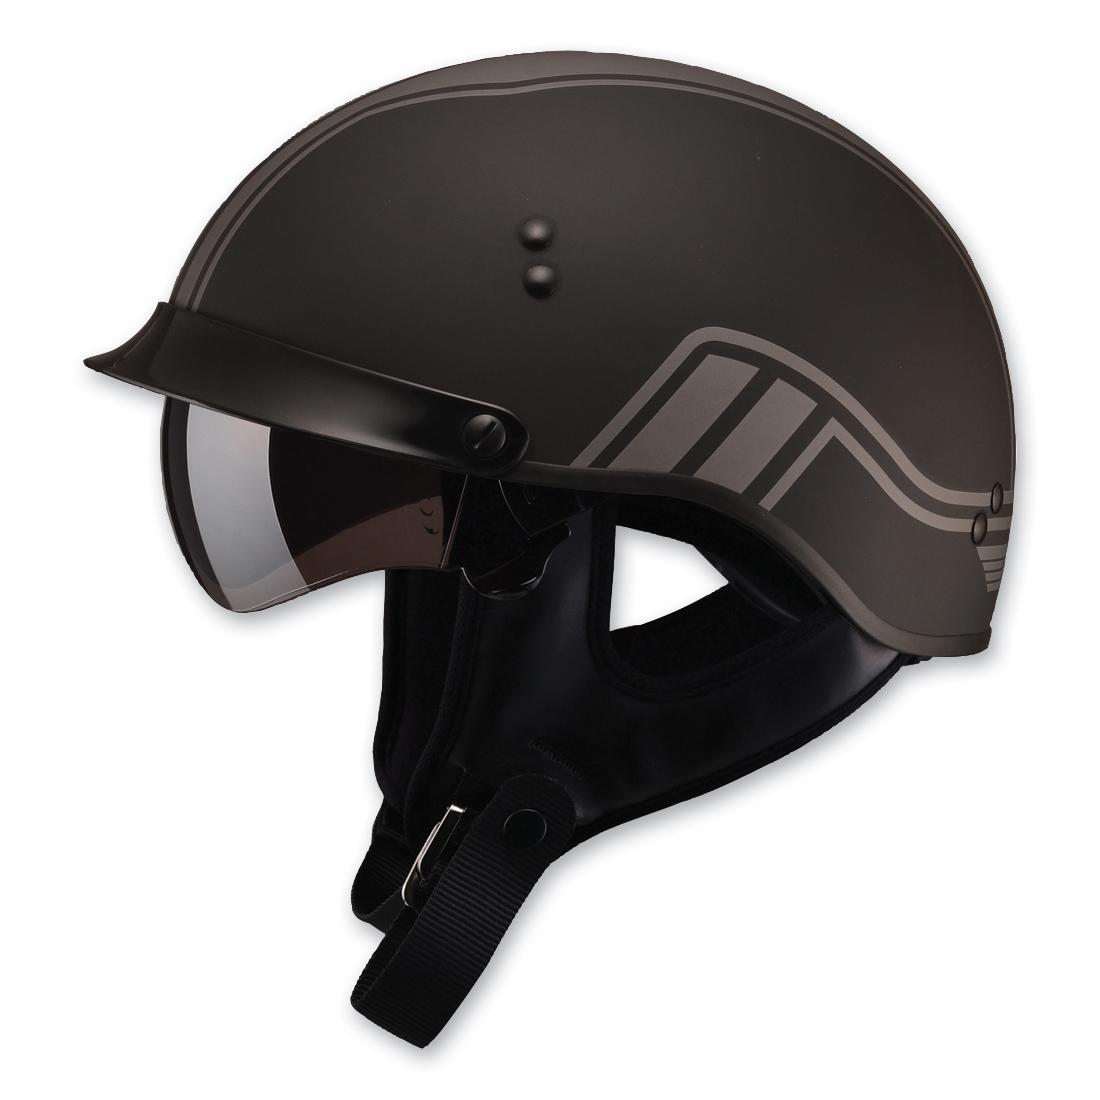 GMAX GM65 Full Dressed Twin Flat Black/Silver Half Helmet